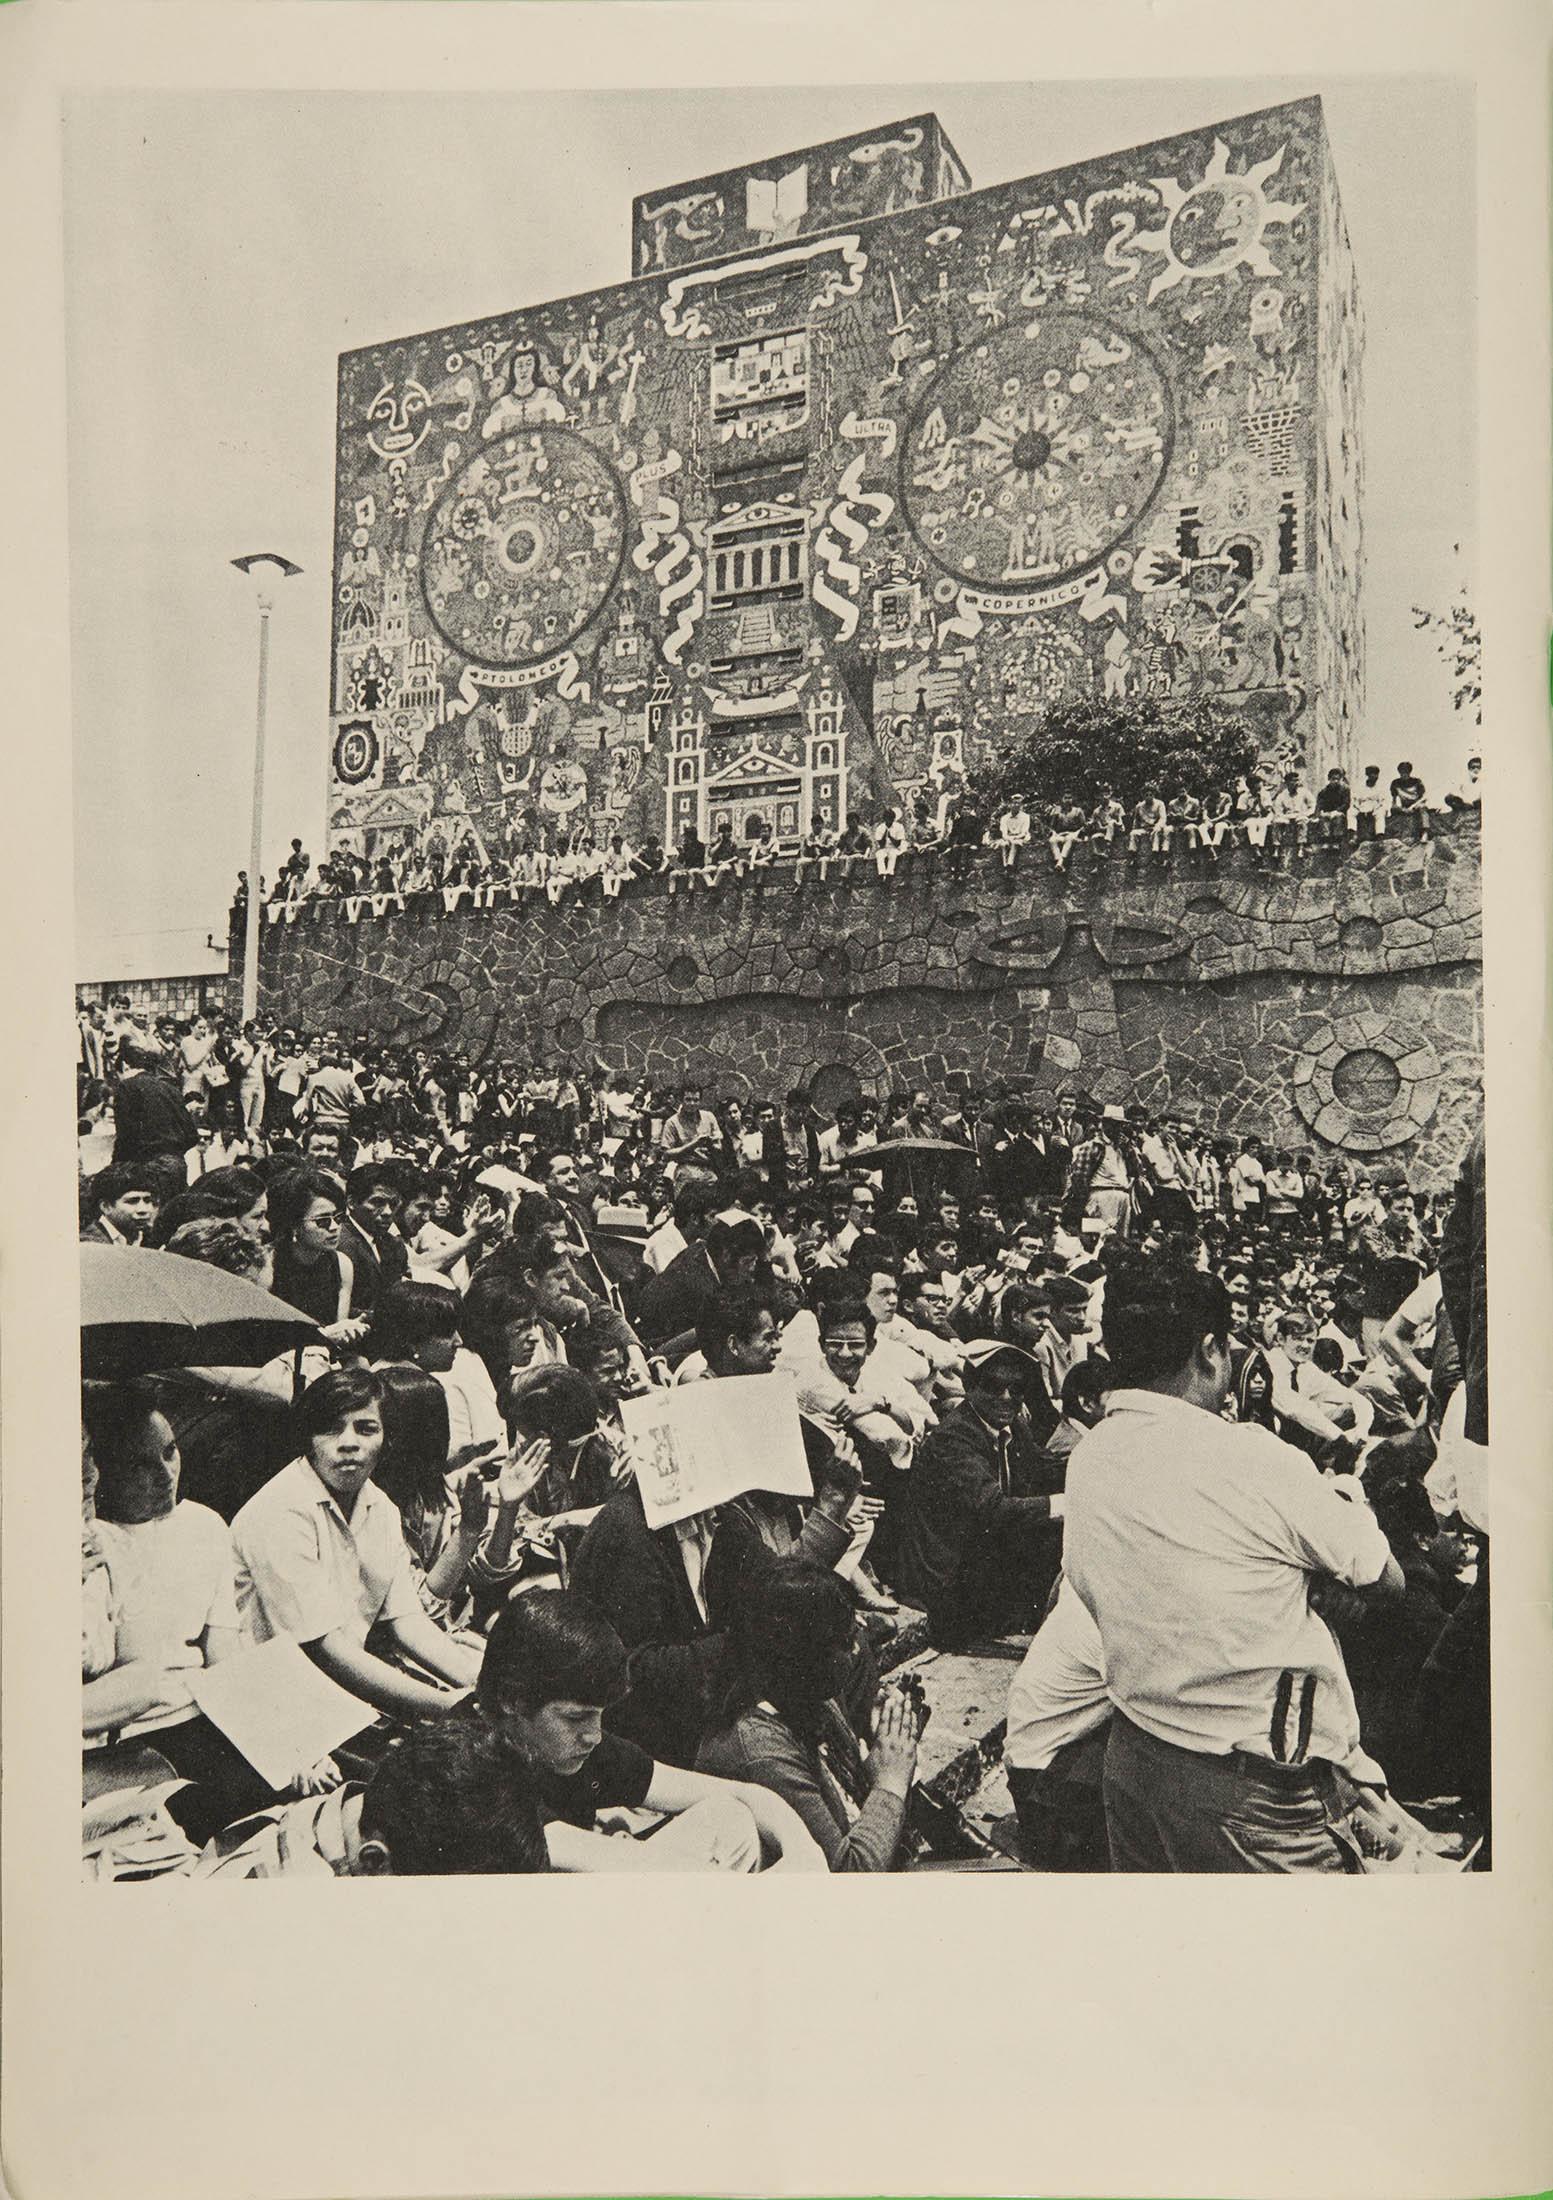 LA UNAM PONDRÁ EN LÍNEA SUS ARCHIVOS HISTÓRICOS SOBRE EL MOVIMIENTO DEL 68